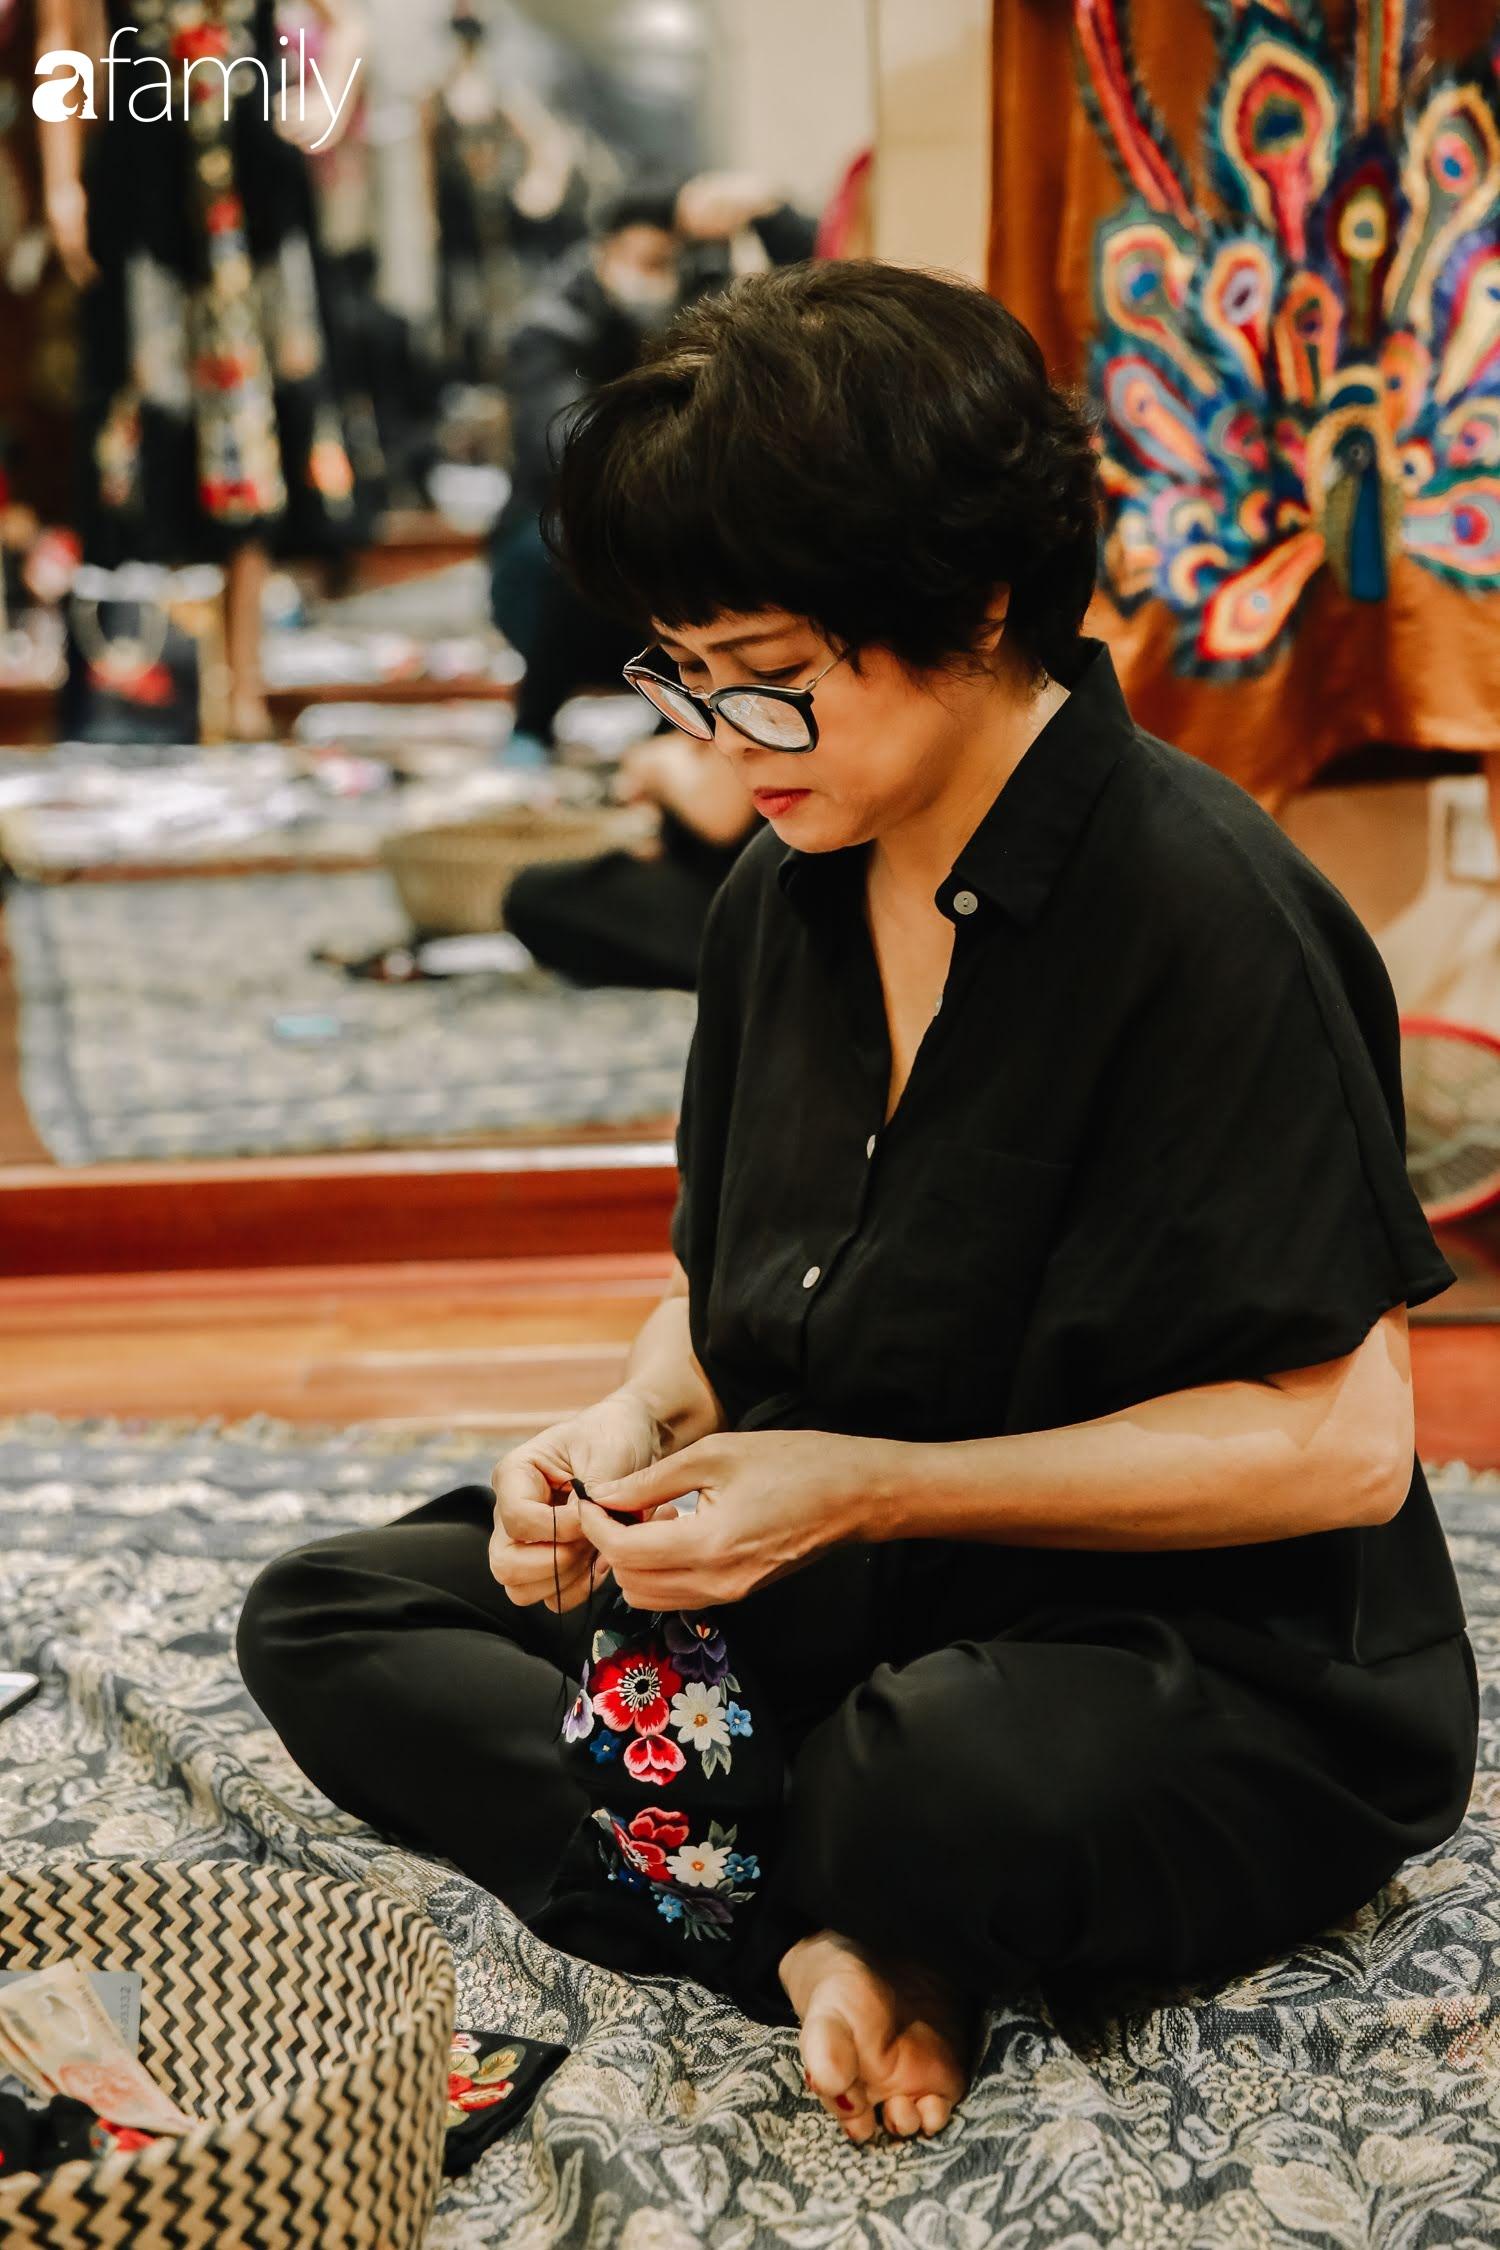 Người phụ nữ làm ra chiếc khẩu trang giá nửa triệu đồng và công cuộc đưa văn hóa thêu thùa ra toàn thế giới, từ ý tưởng ai cũng cho là điên rồ đến sản lượng cao ngỡ ngàng từ khách hàng quốc tế  - Ảnh 7.